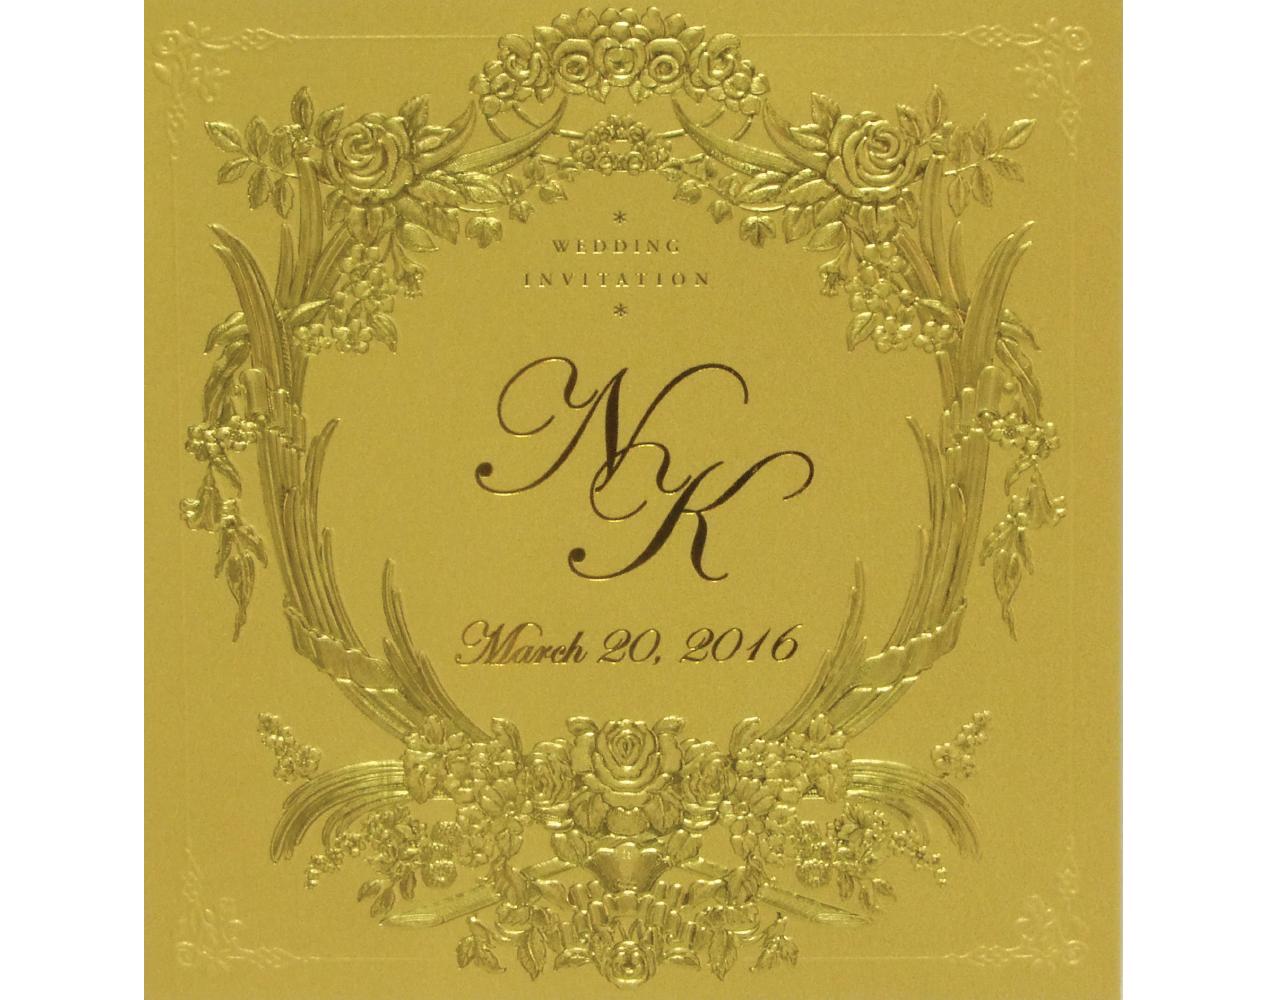 การ์ดแต่งงาน การ์ดเชิญ สีมุกทอง การ์ดพร้อมซองและกระดาษไส้ใน wedding card 17 x 17.5 cm SP 1610 Gold ฿ 9.50